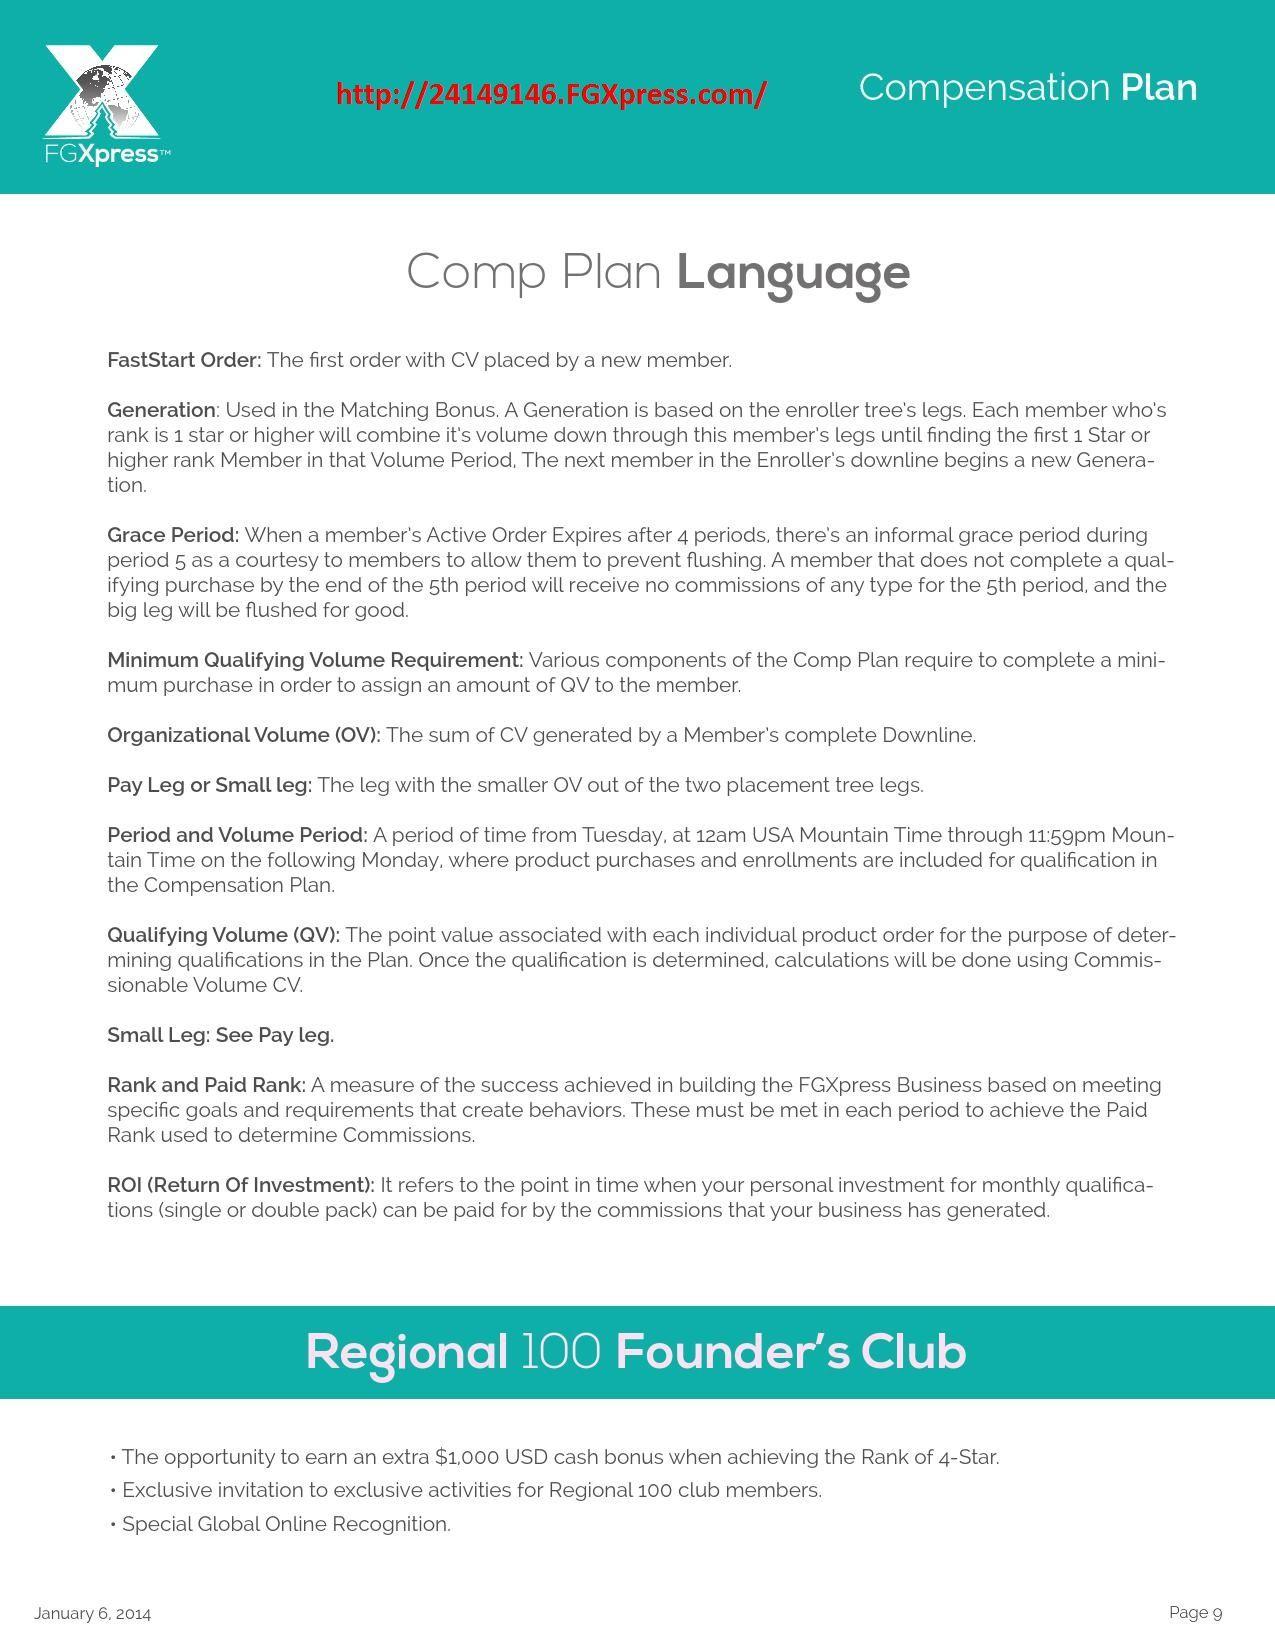 fgxpress business plan